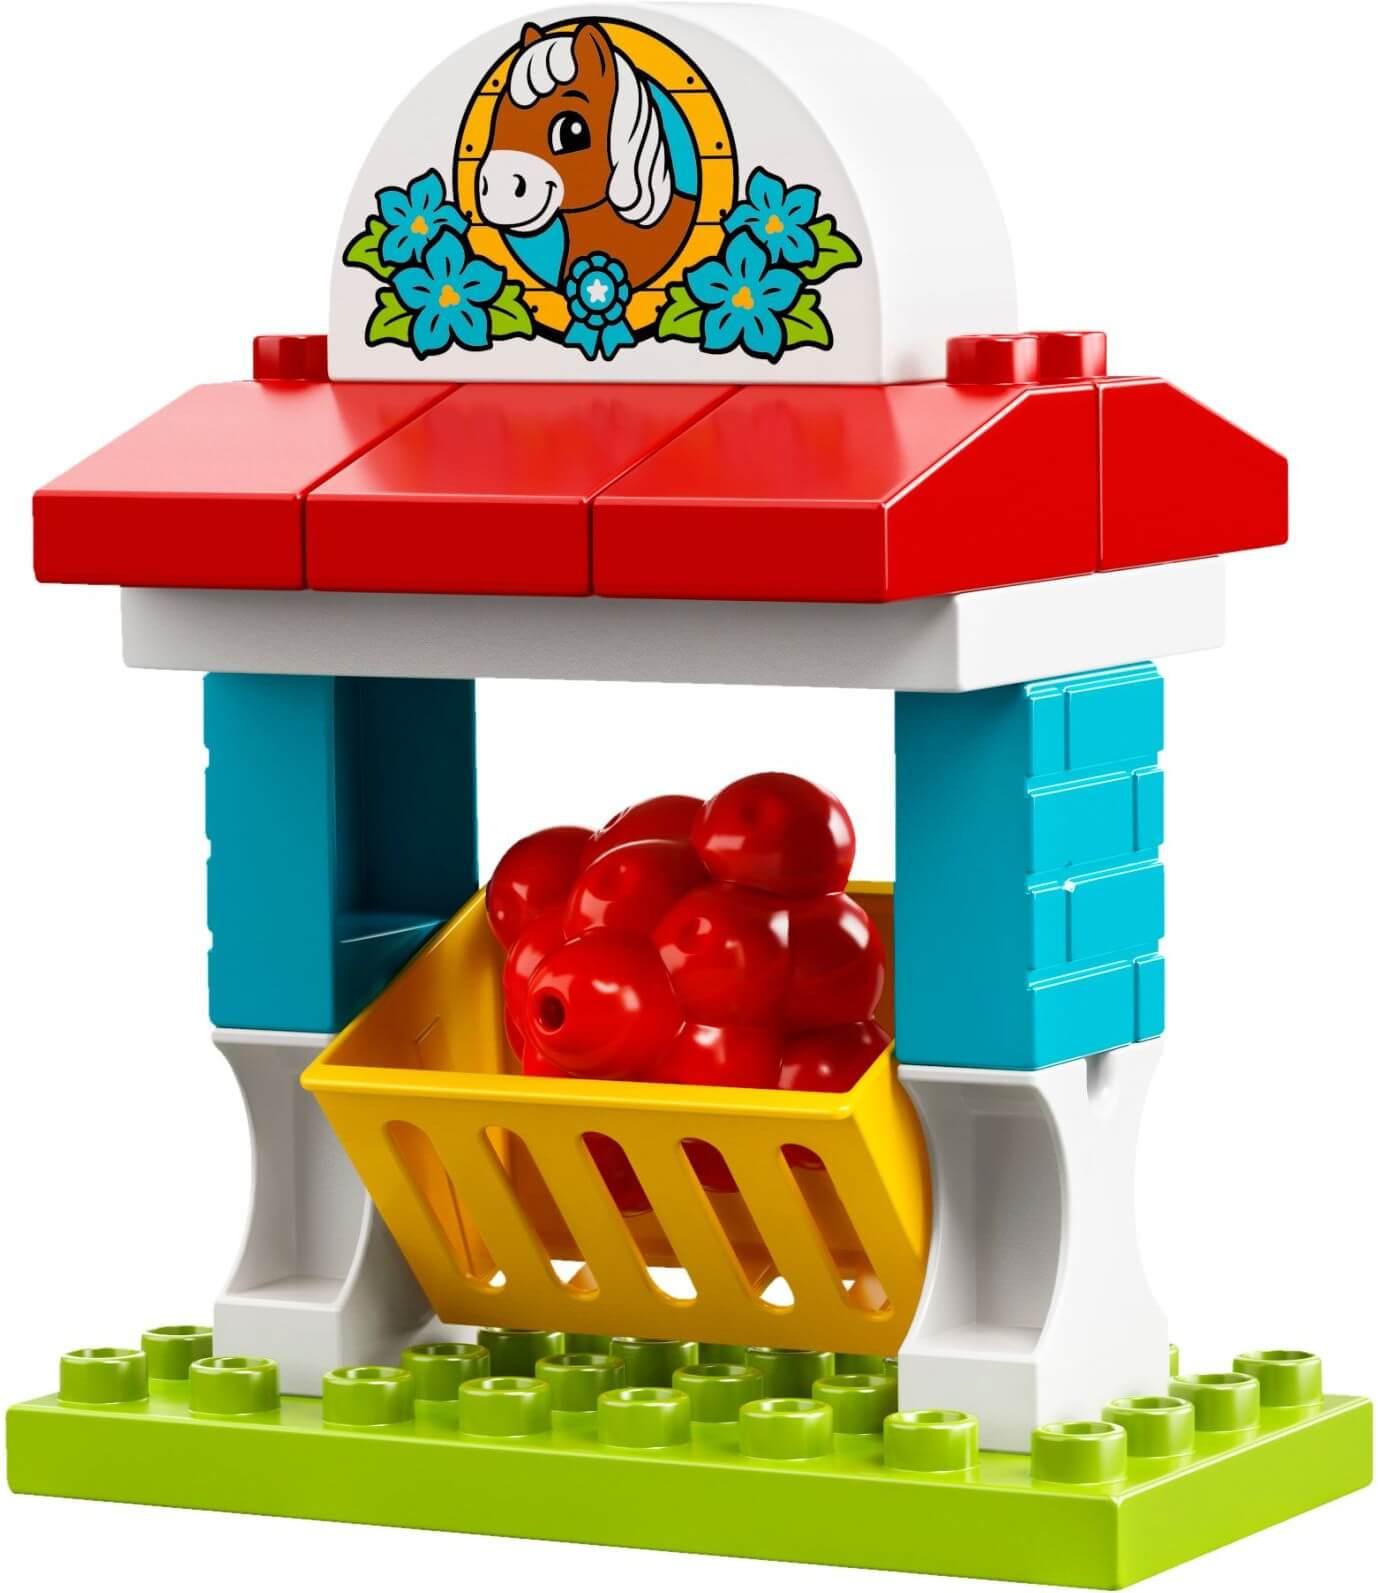 Mua đồ chơi LEGO 10868 - LEGO Duplo 10868 - Trại Nuôi Ngựa của Bé (LEGO Duplo 10868 Farm Pony Stable)